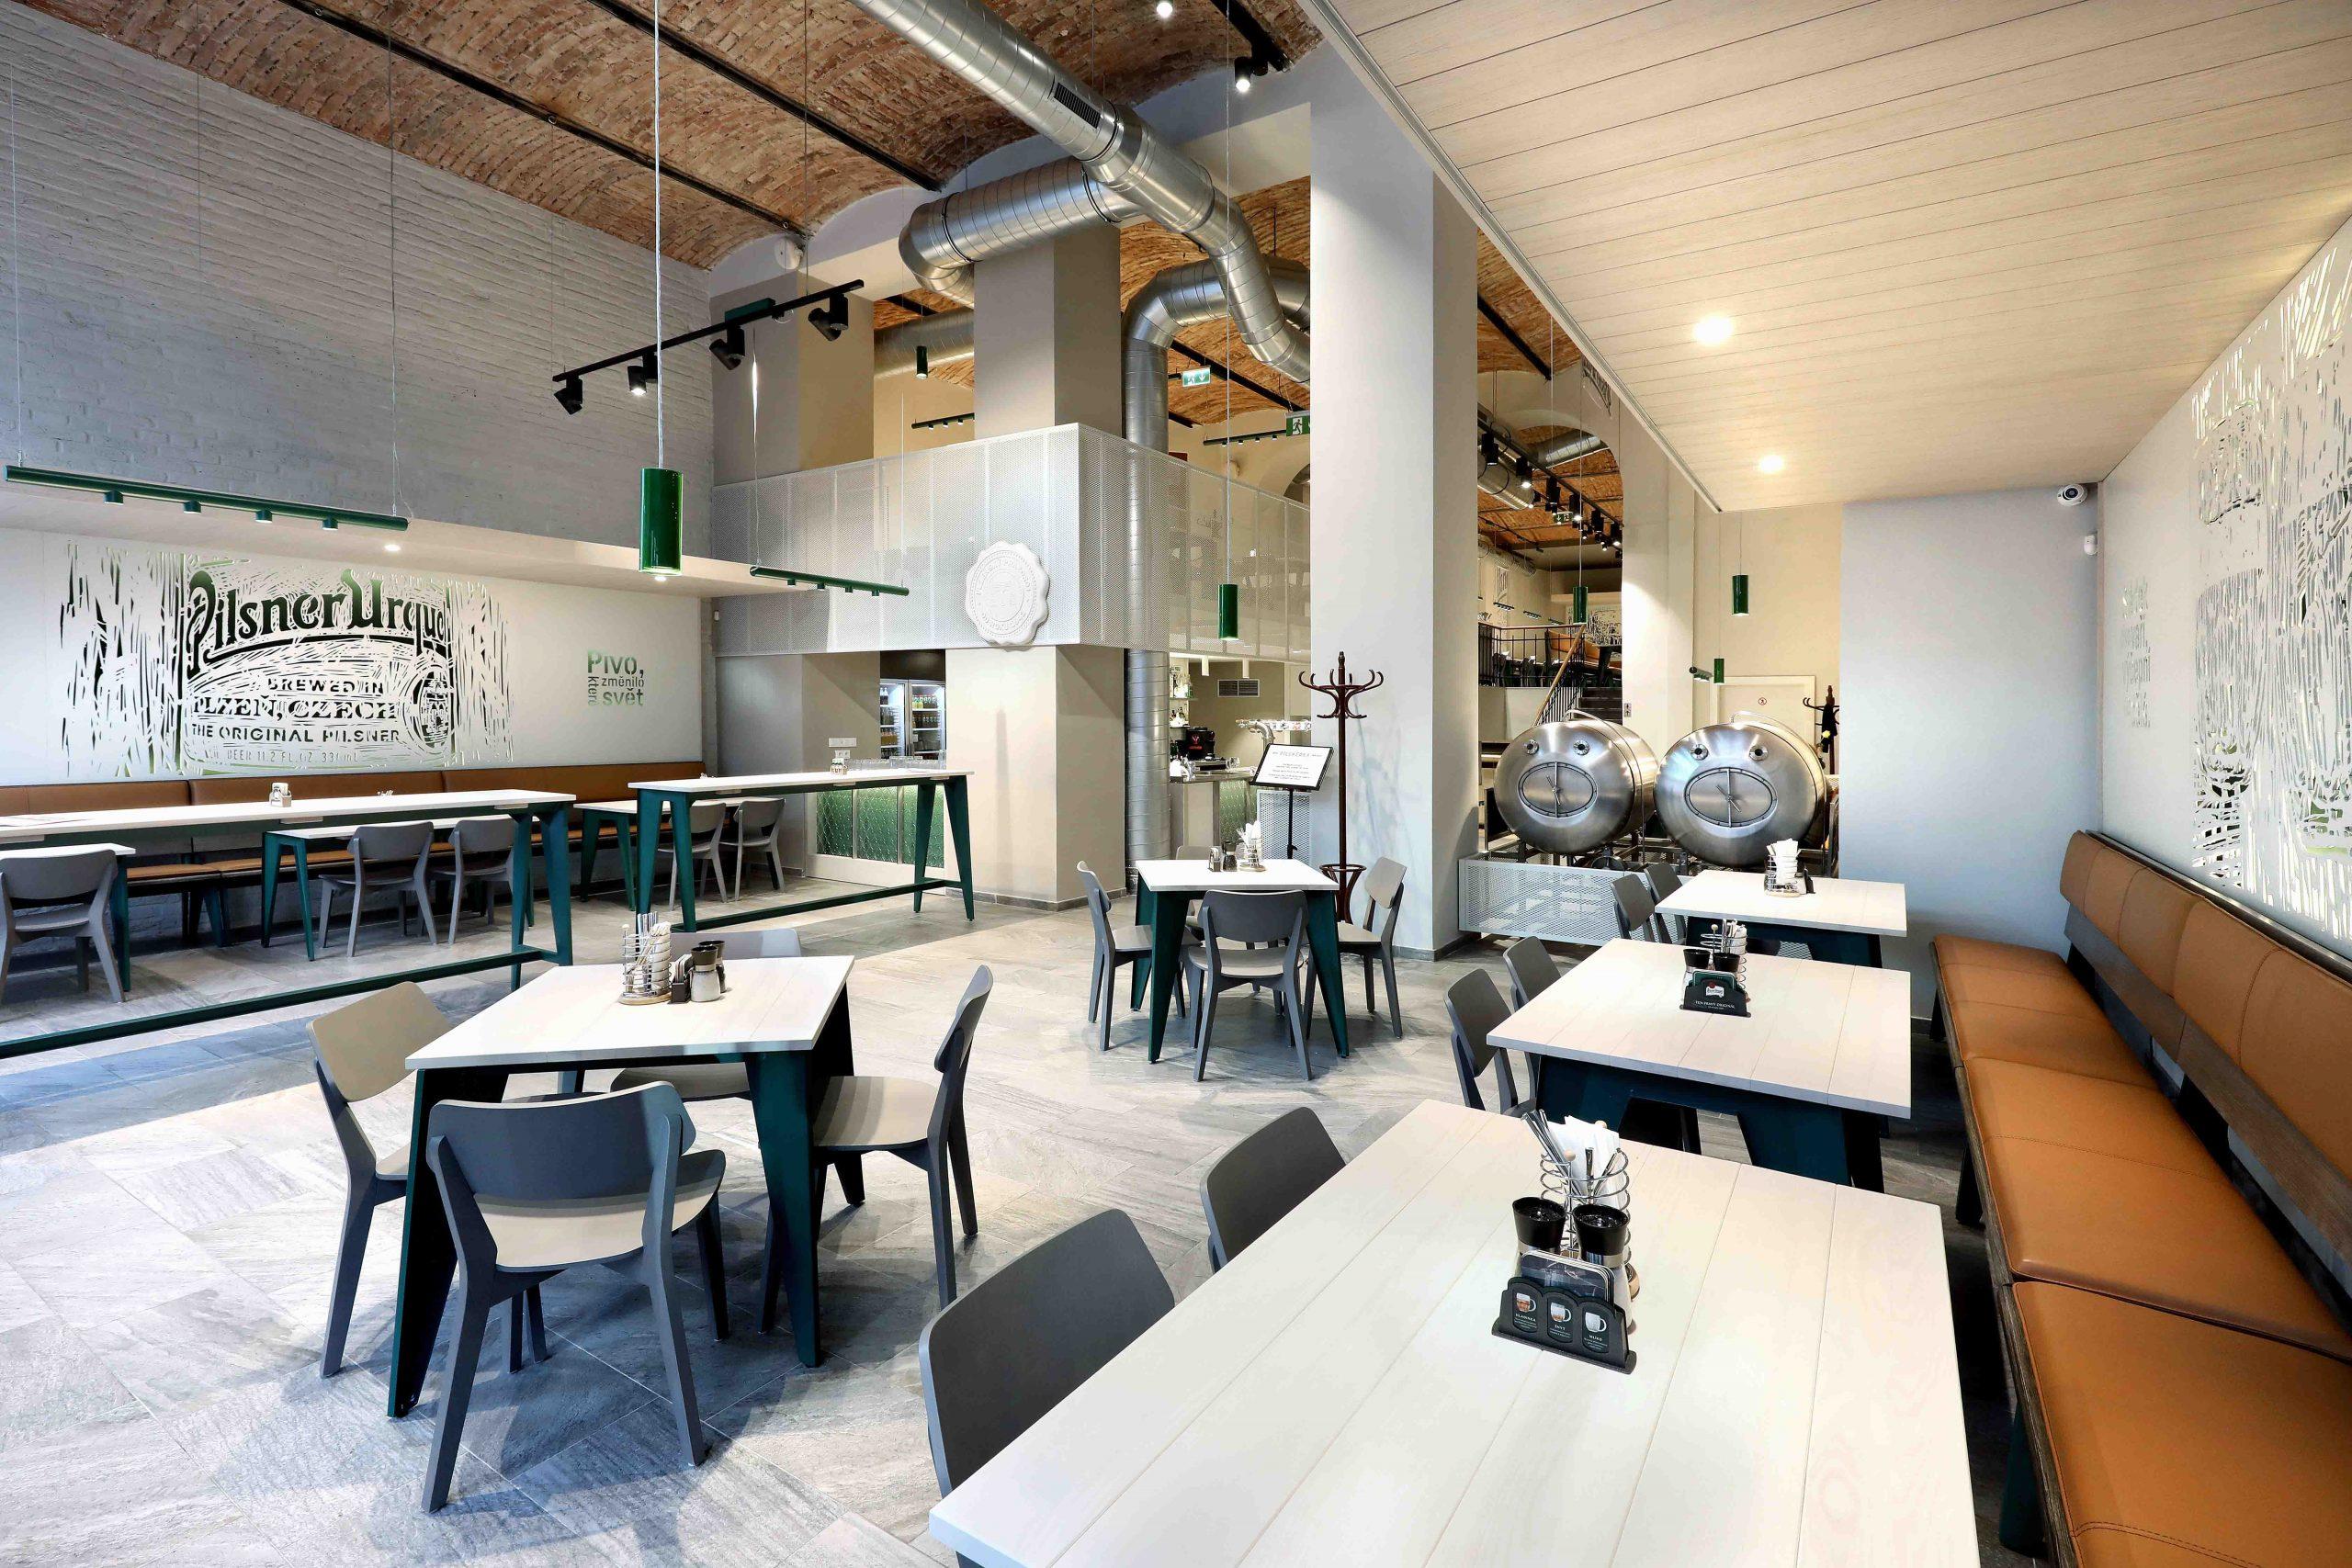 Restaurace Pilsnerka Archizoom